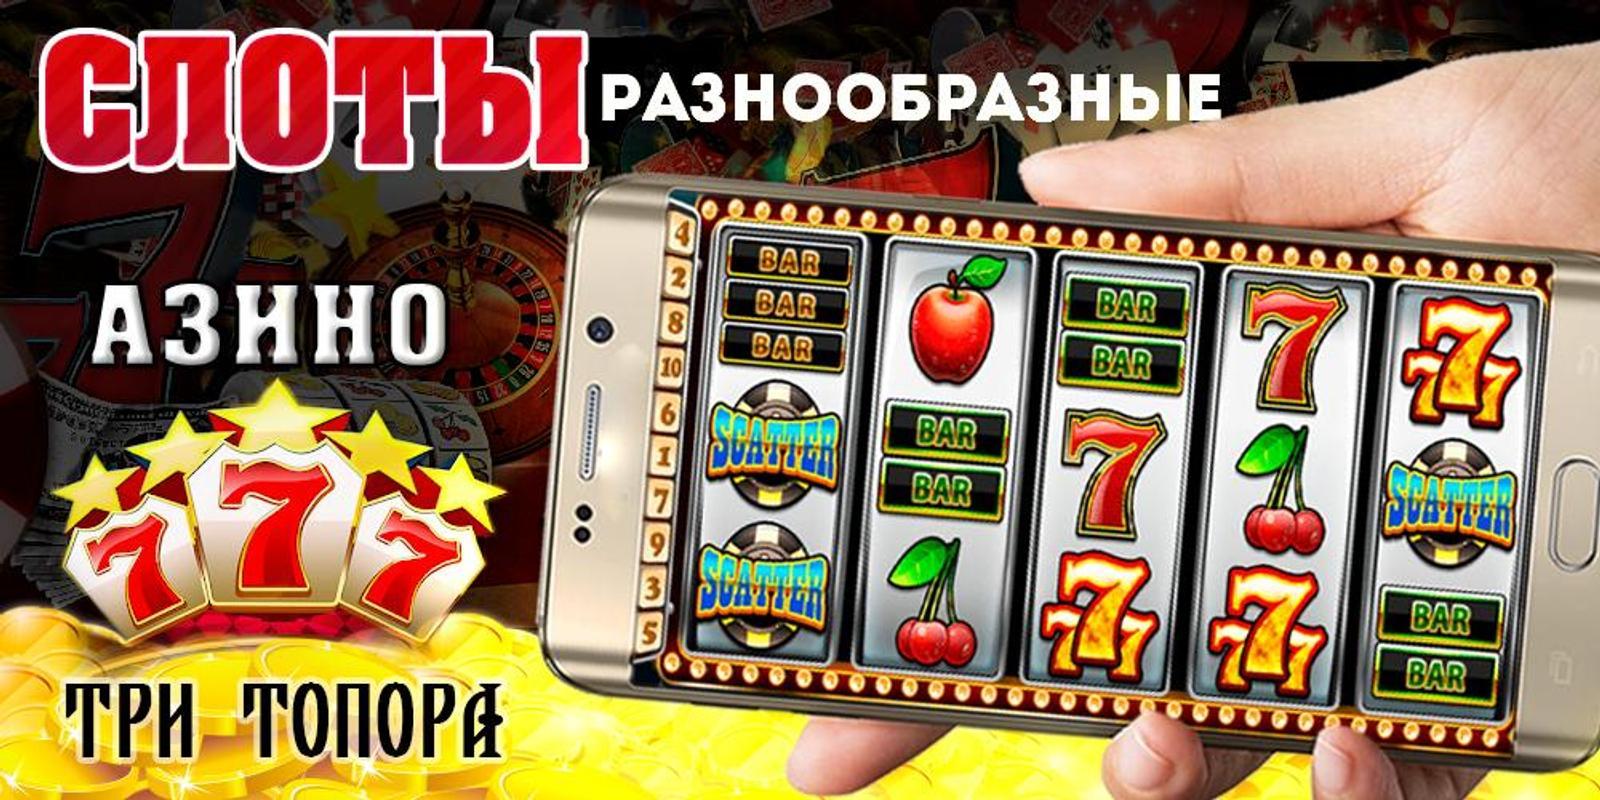 казино ТРИ ТОПОРА